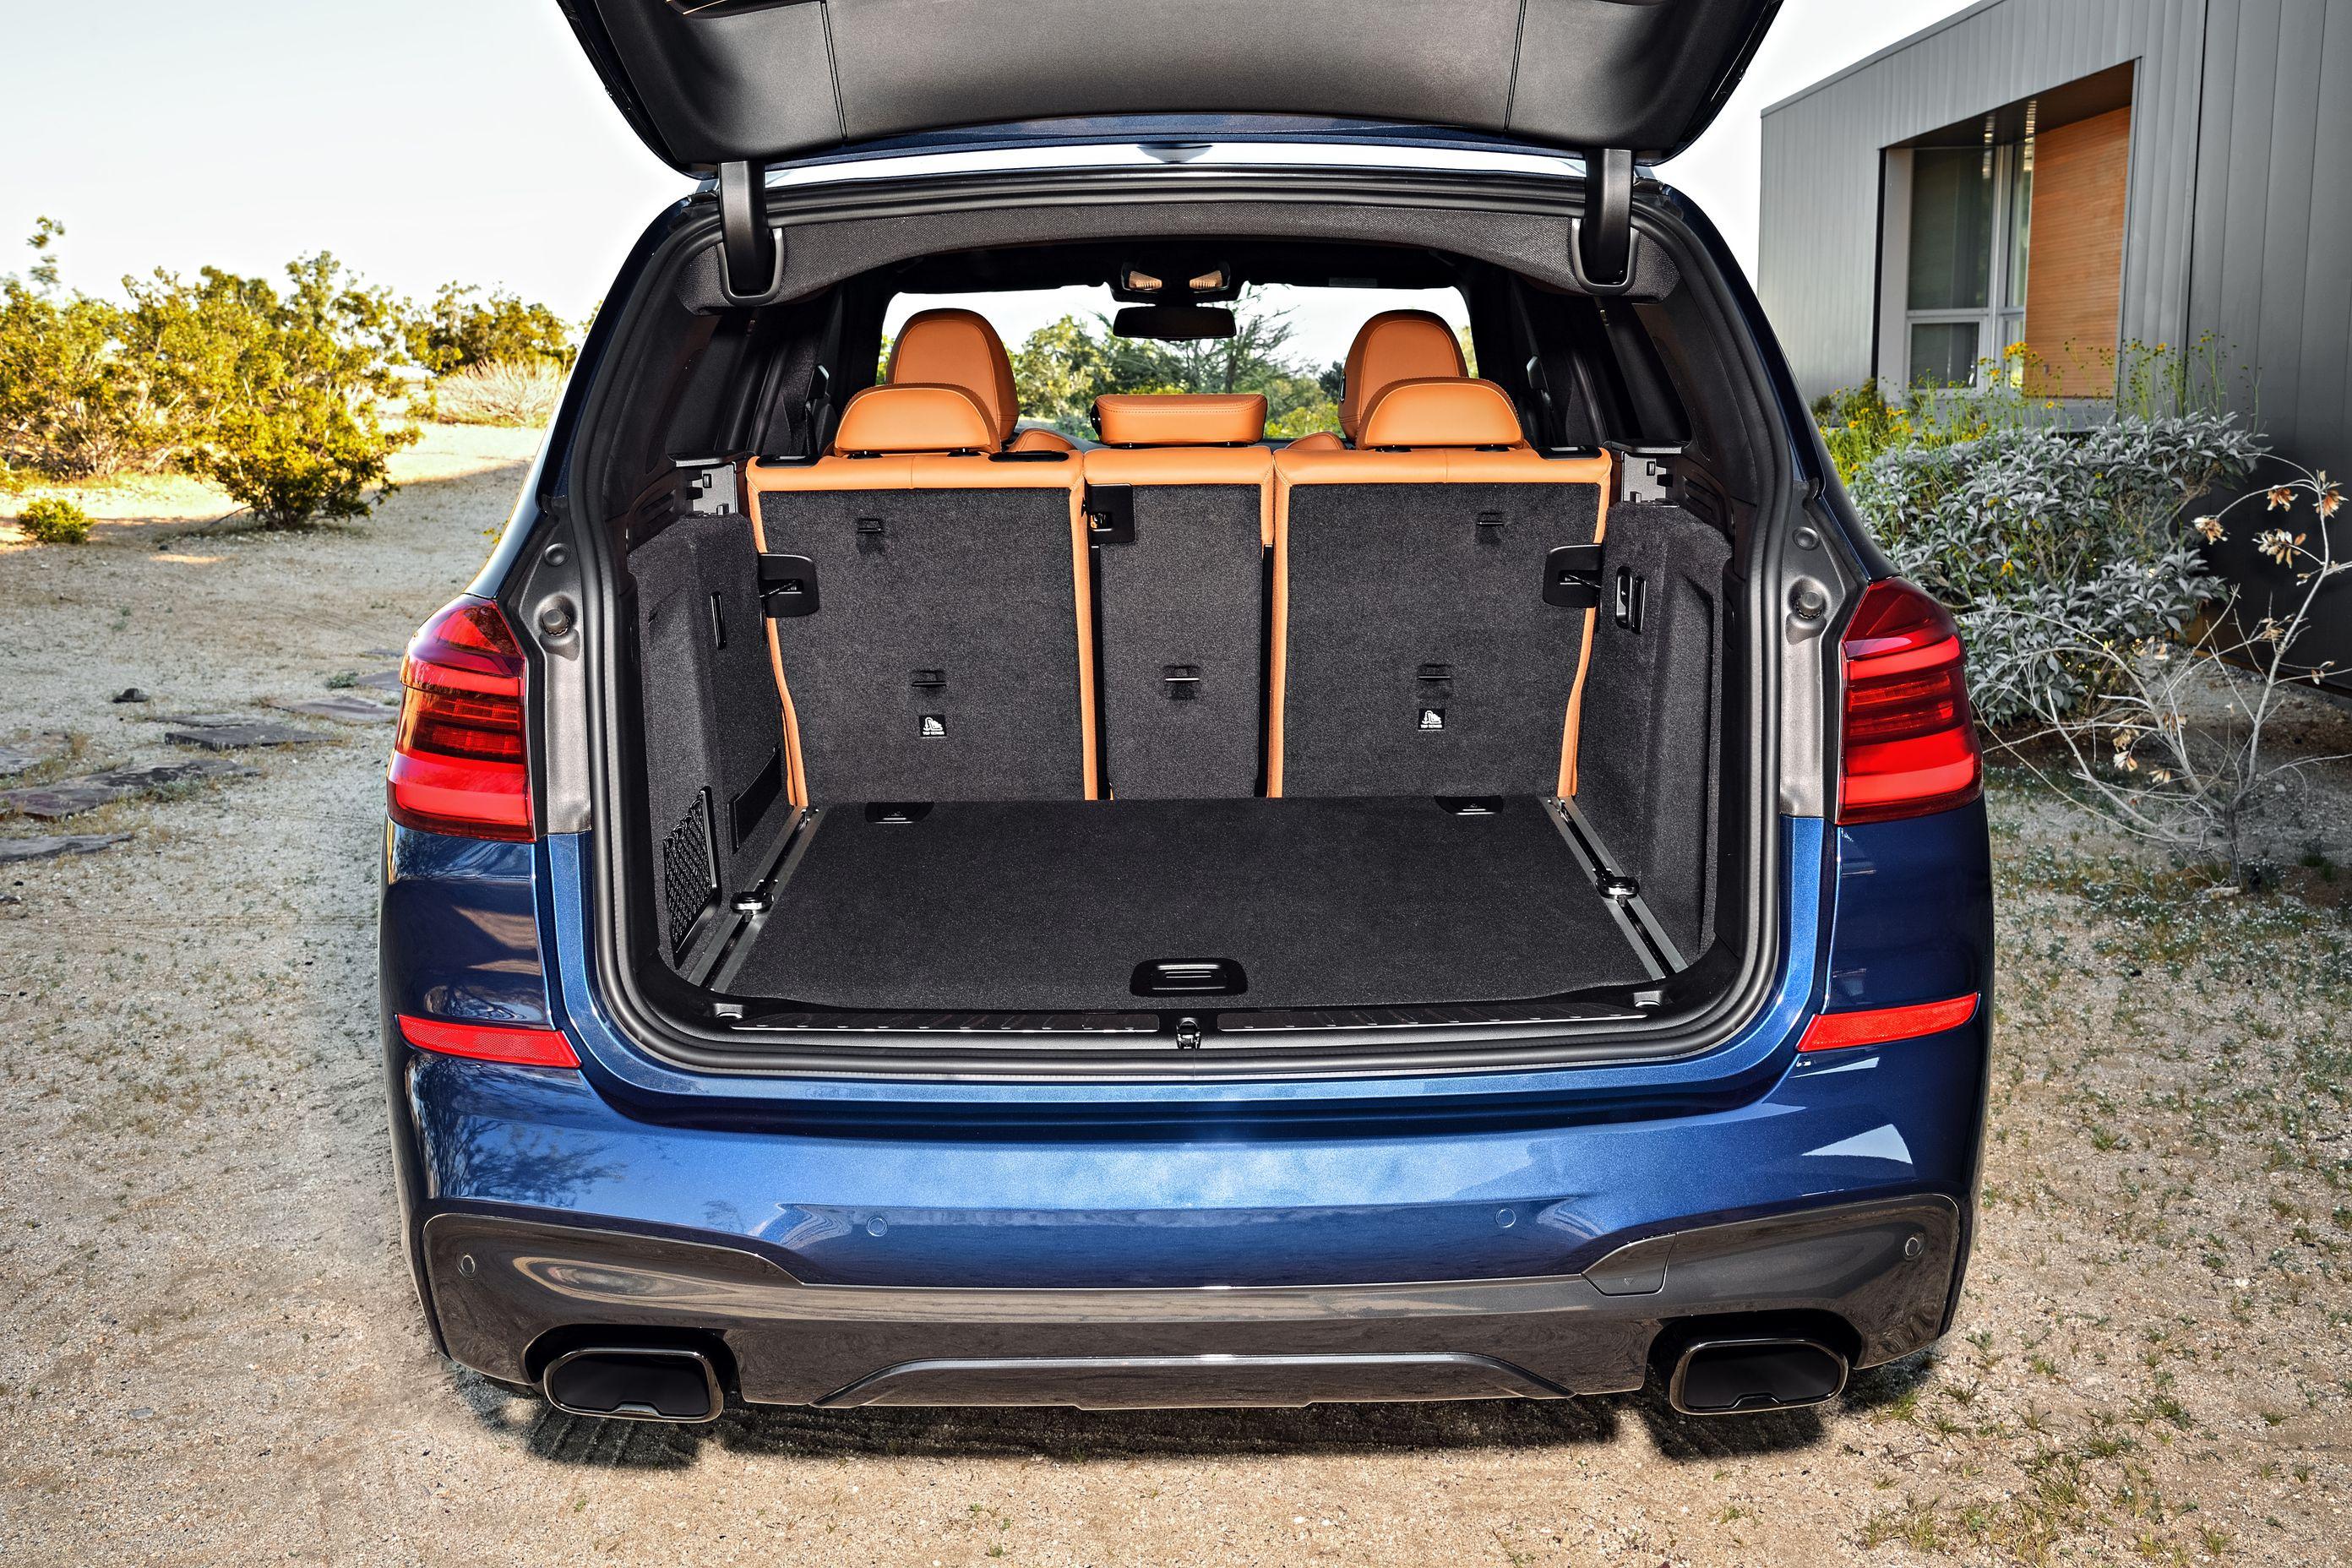 2016 - [BMW] X3 [G01] - Page 8 1498486495-bmw-x3-17